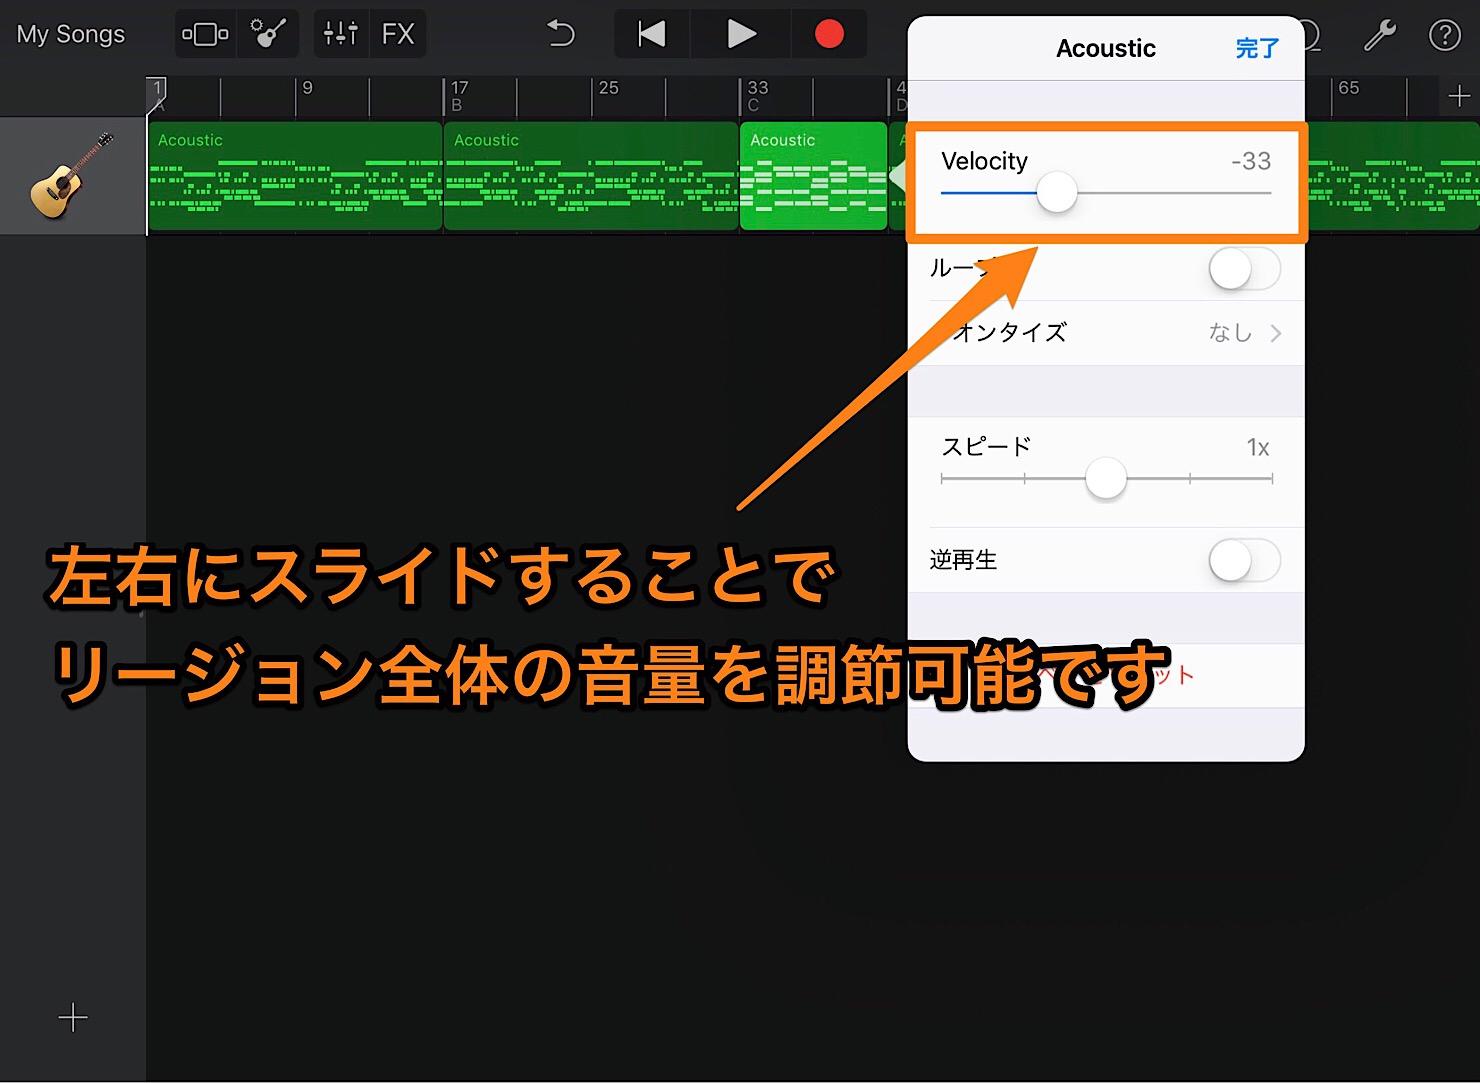 garageband-ios-ver2-edit-sound-8